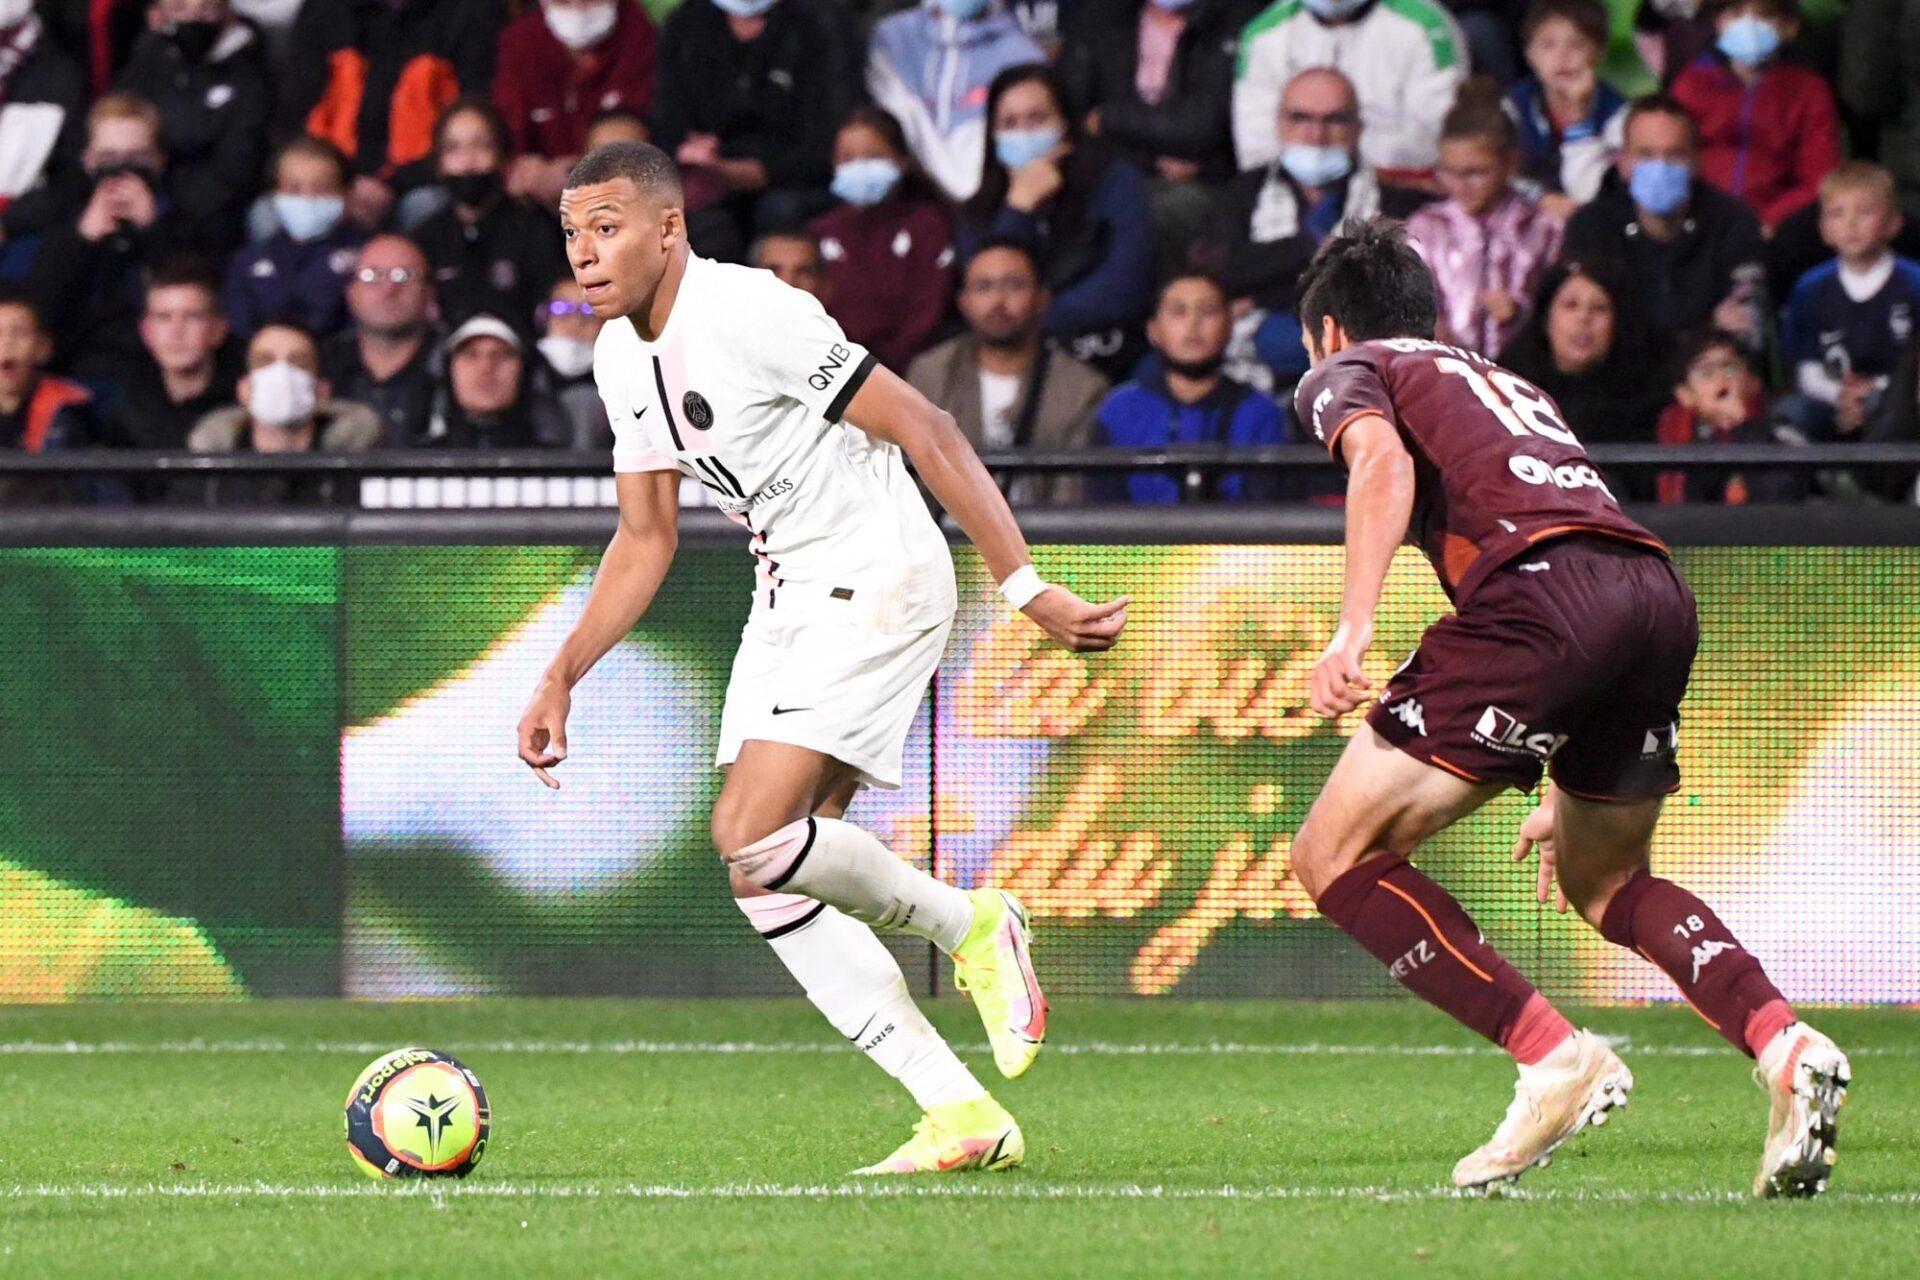 Manchester City prêt à doubler le Real Madrid pour arracher Kylian Mbappé des griffes du PSG ? Icon Sport